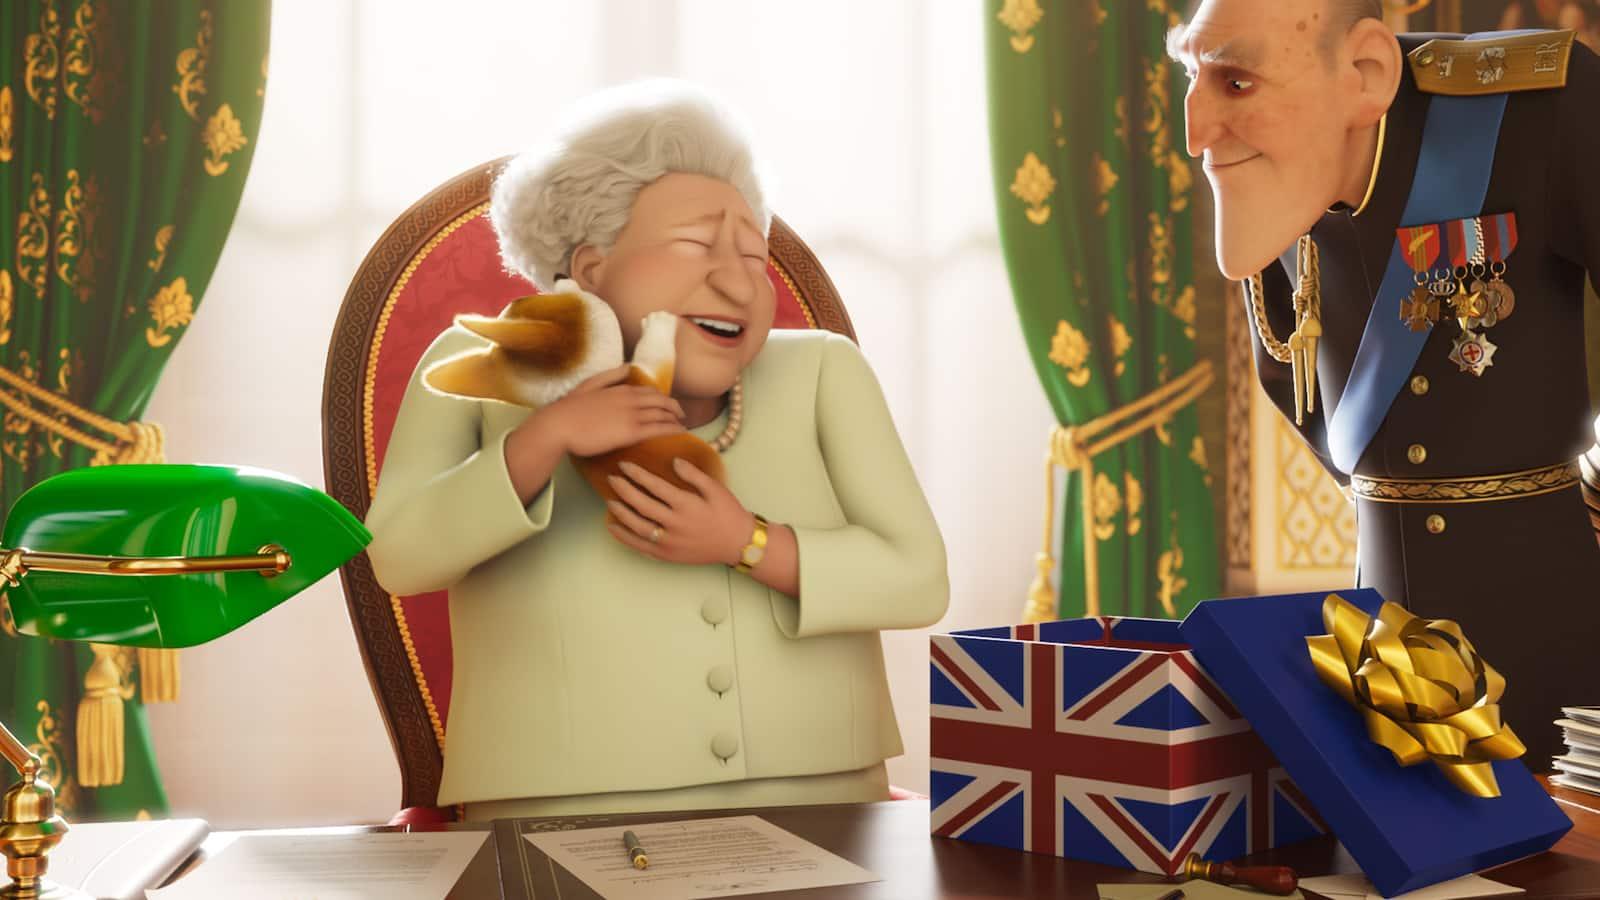 drottningens-corgi-2019